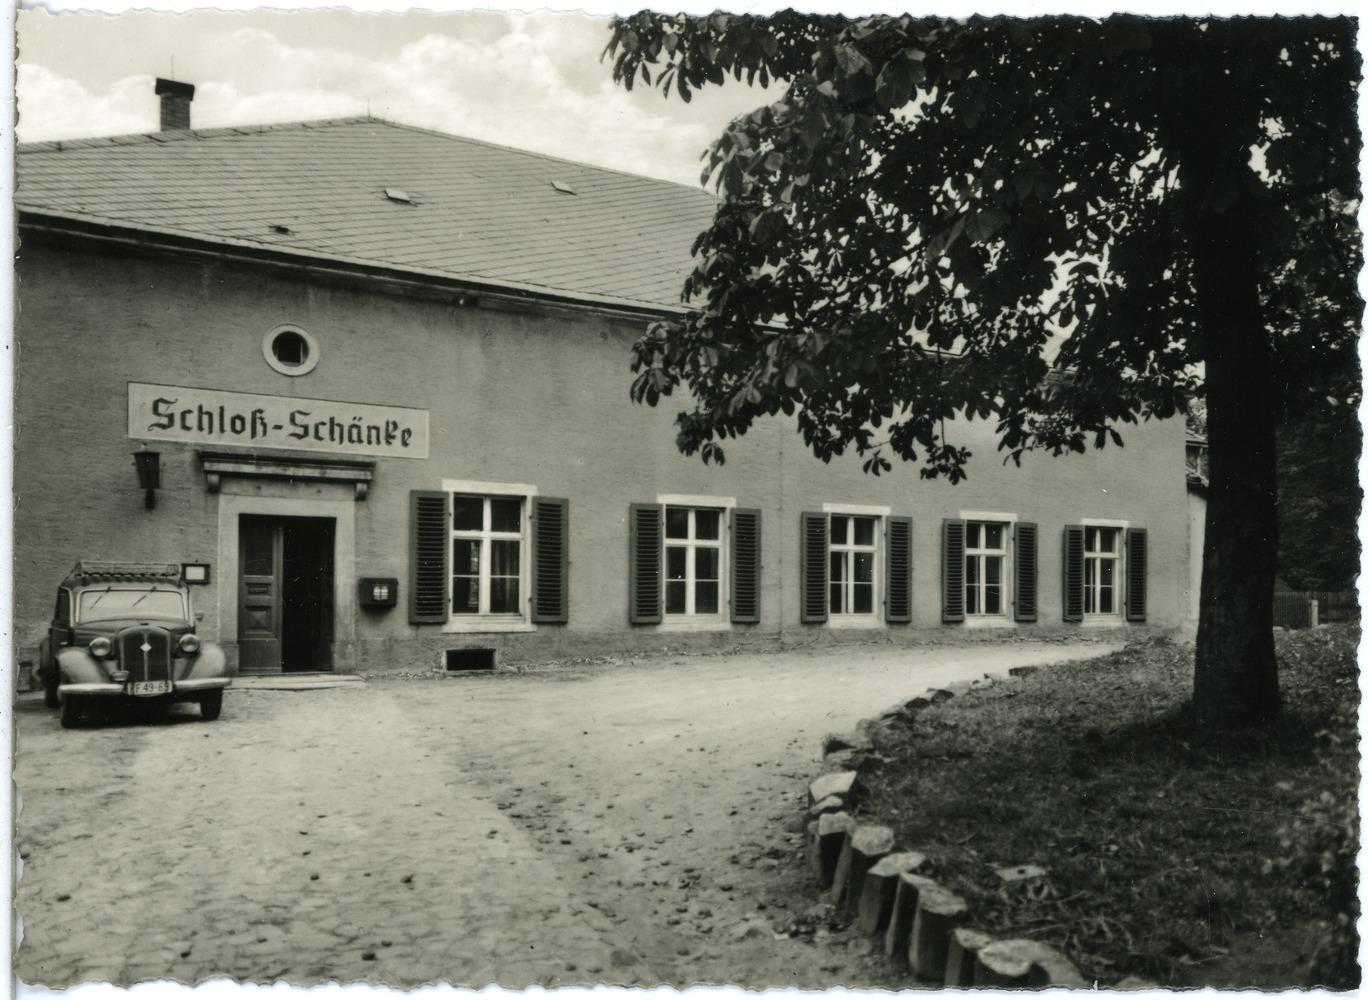 File:29723-Stolpen-1960-Burg, Schloßschänke-Brück & Sohn Kunstverlag ...